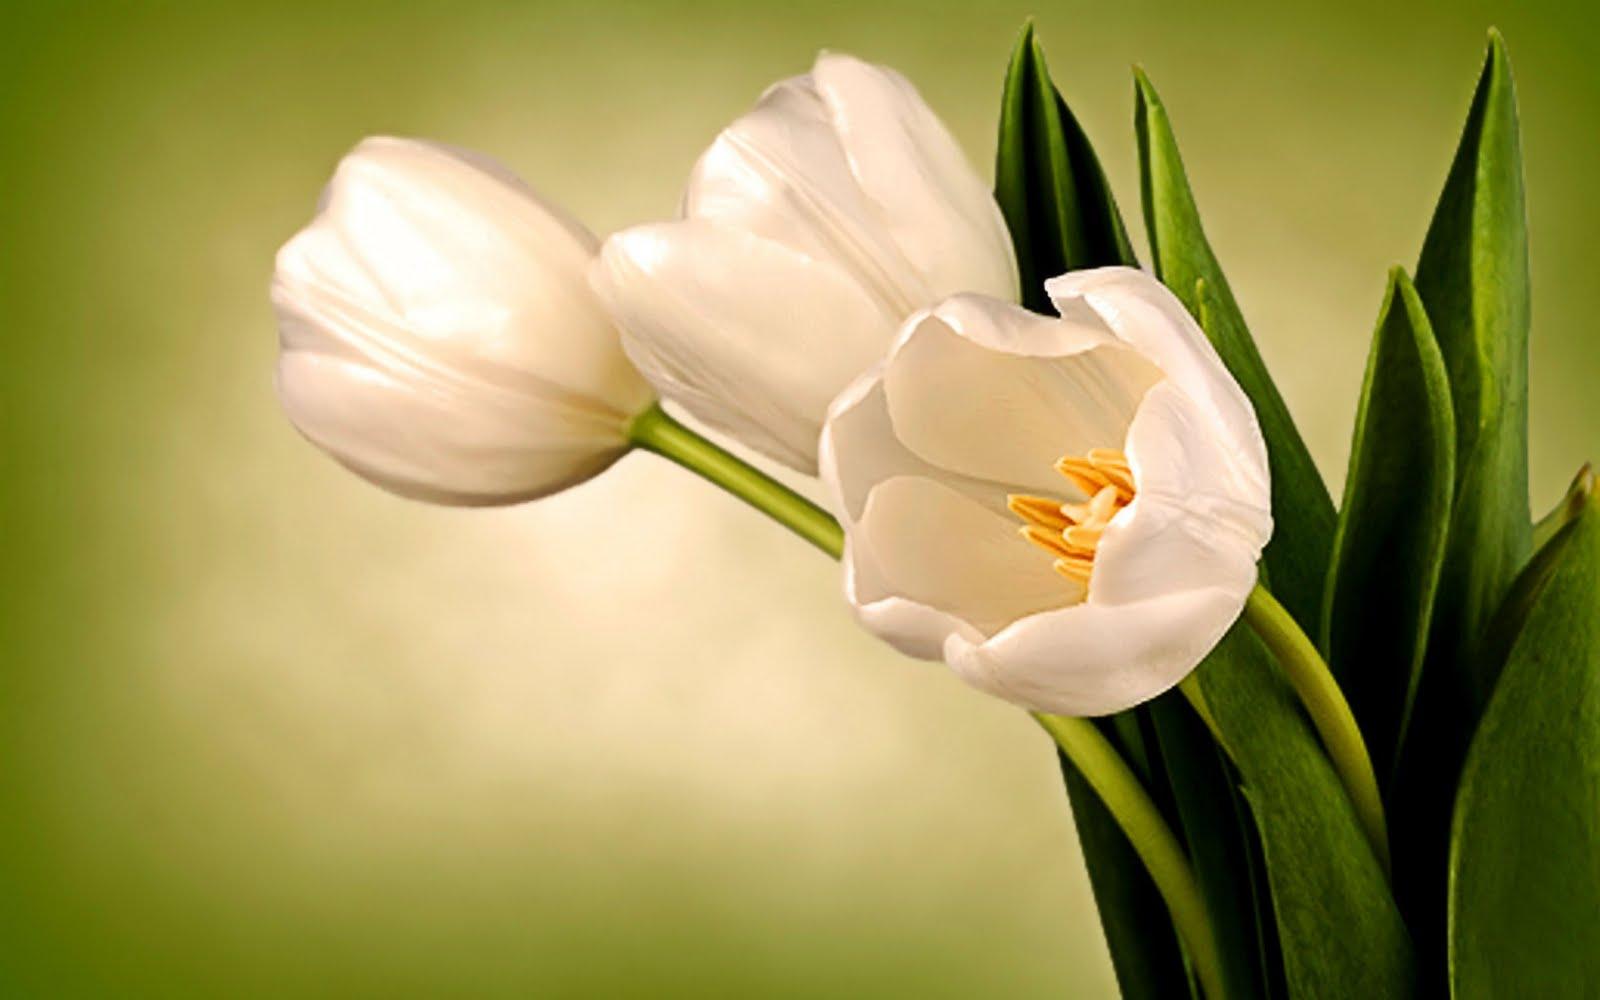 http://4.bp.blogspot.com/-x9ImMiaNzU0/TZMkOAB3UbI/AAAAAAAAB58/1DnTr2tk24Y/s1600/54-white-tulips.jpg